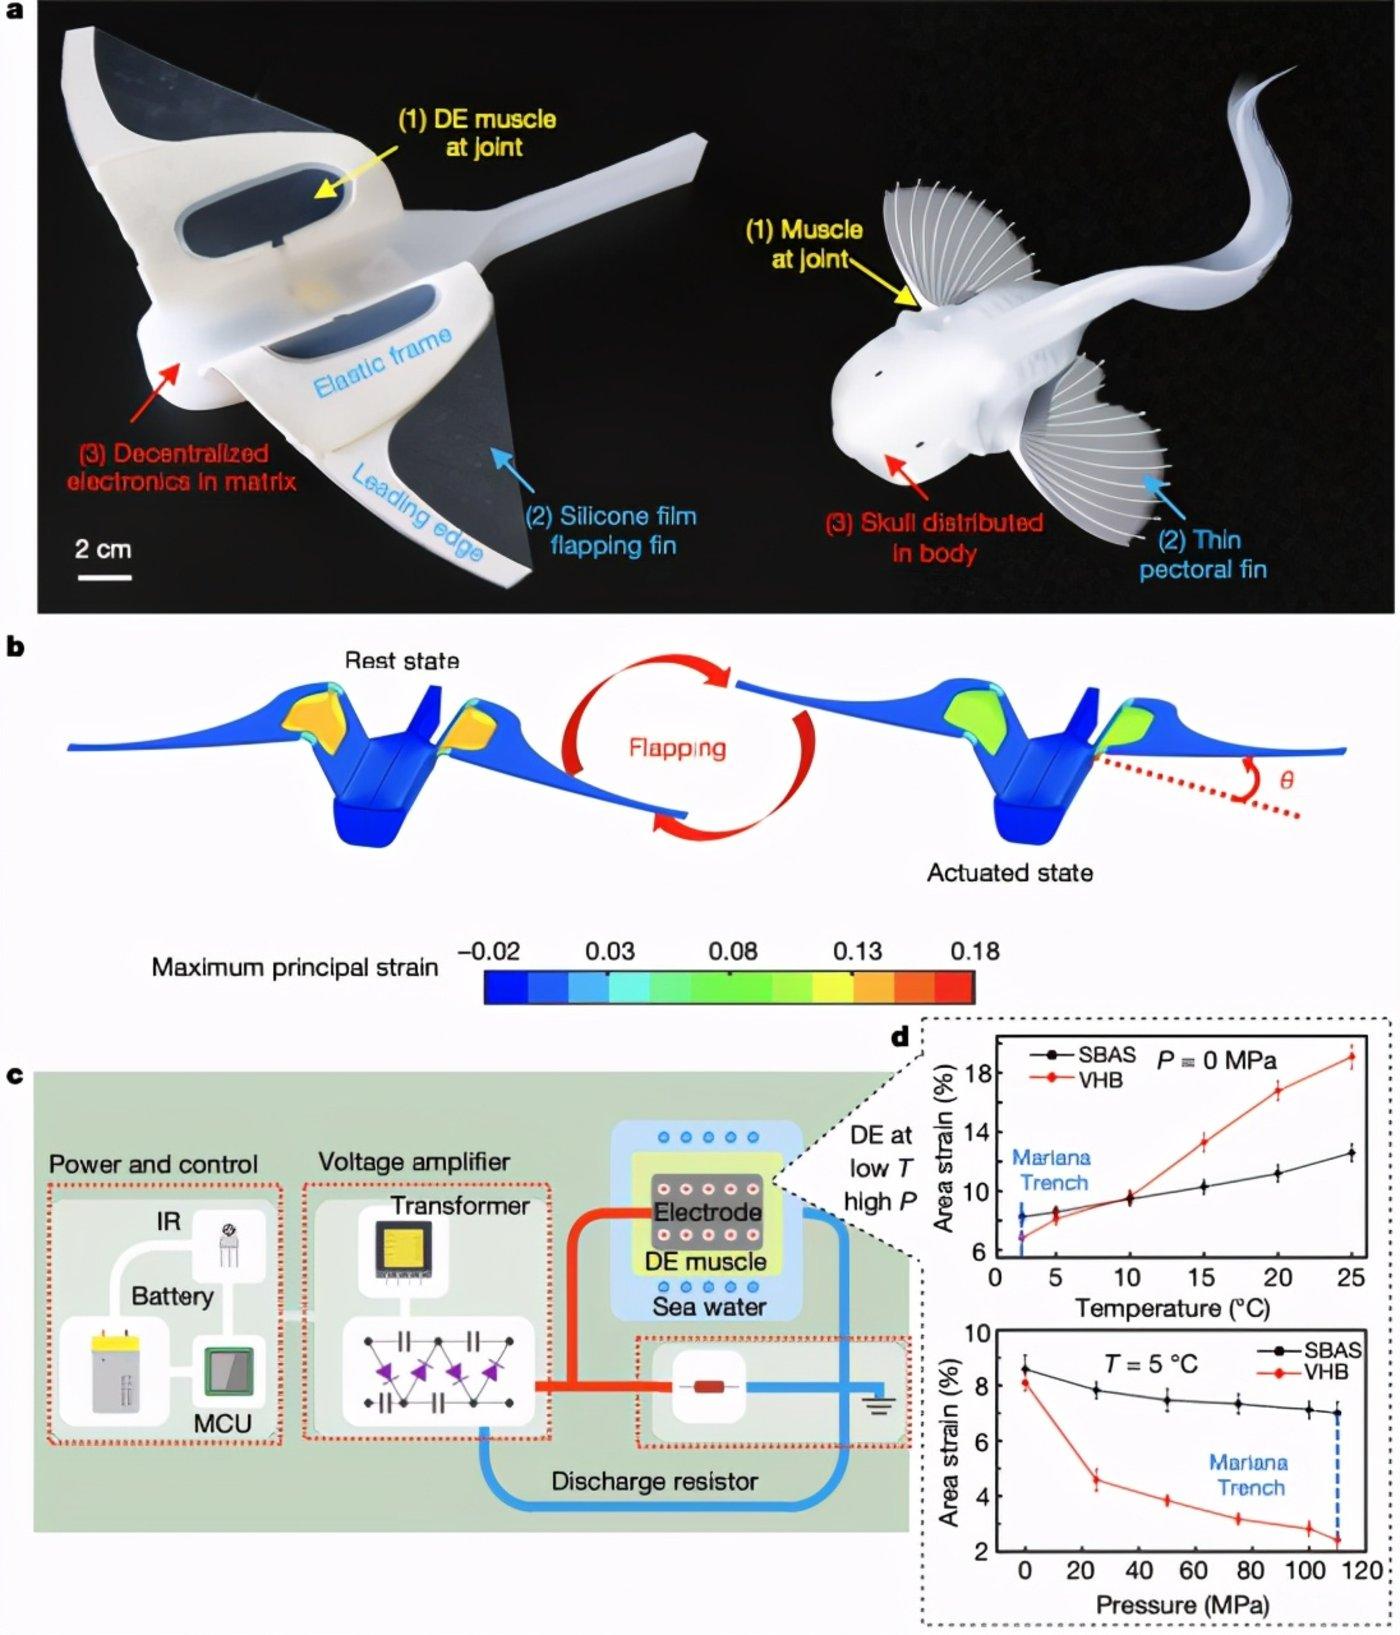 图|软机器人的设计与制造(来源:Nature)